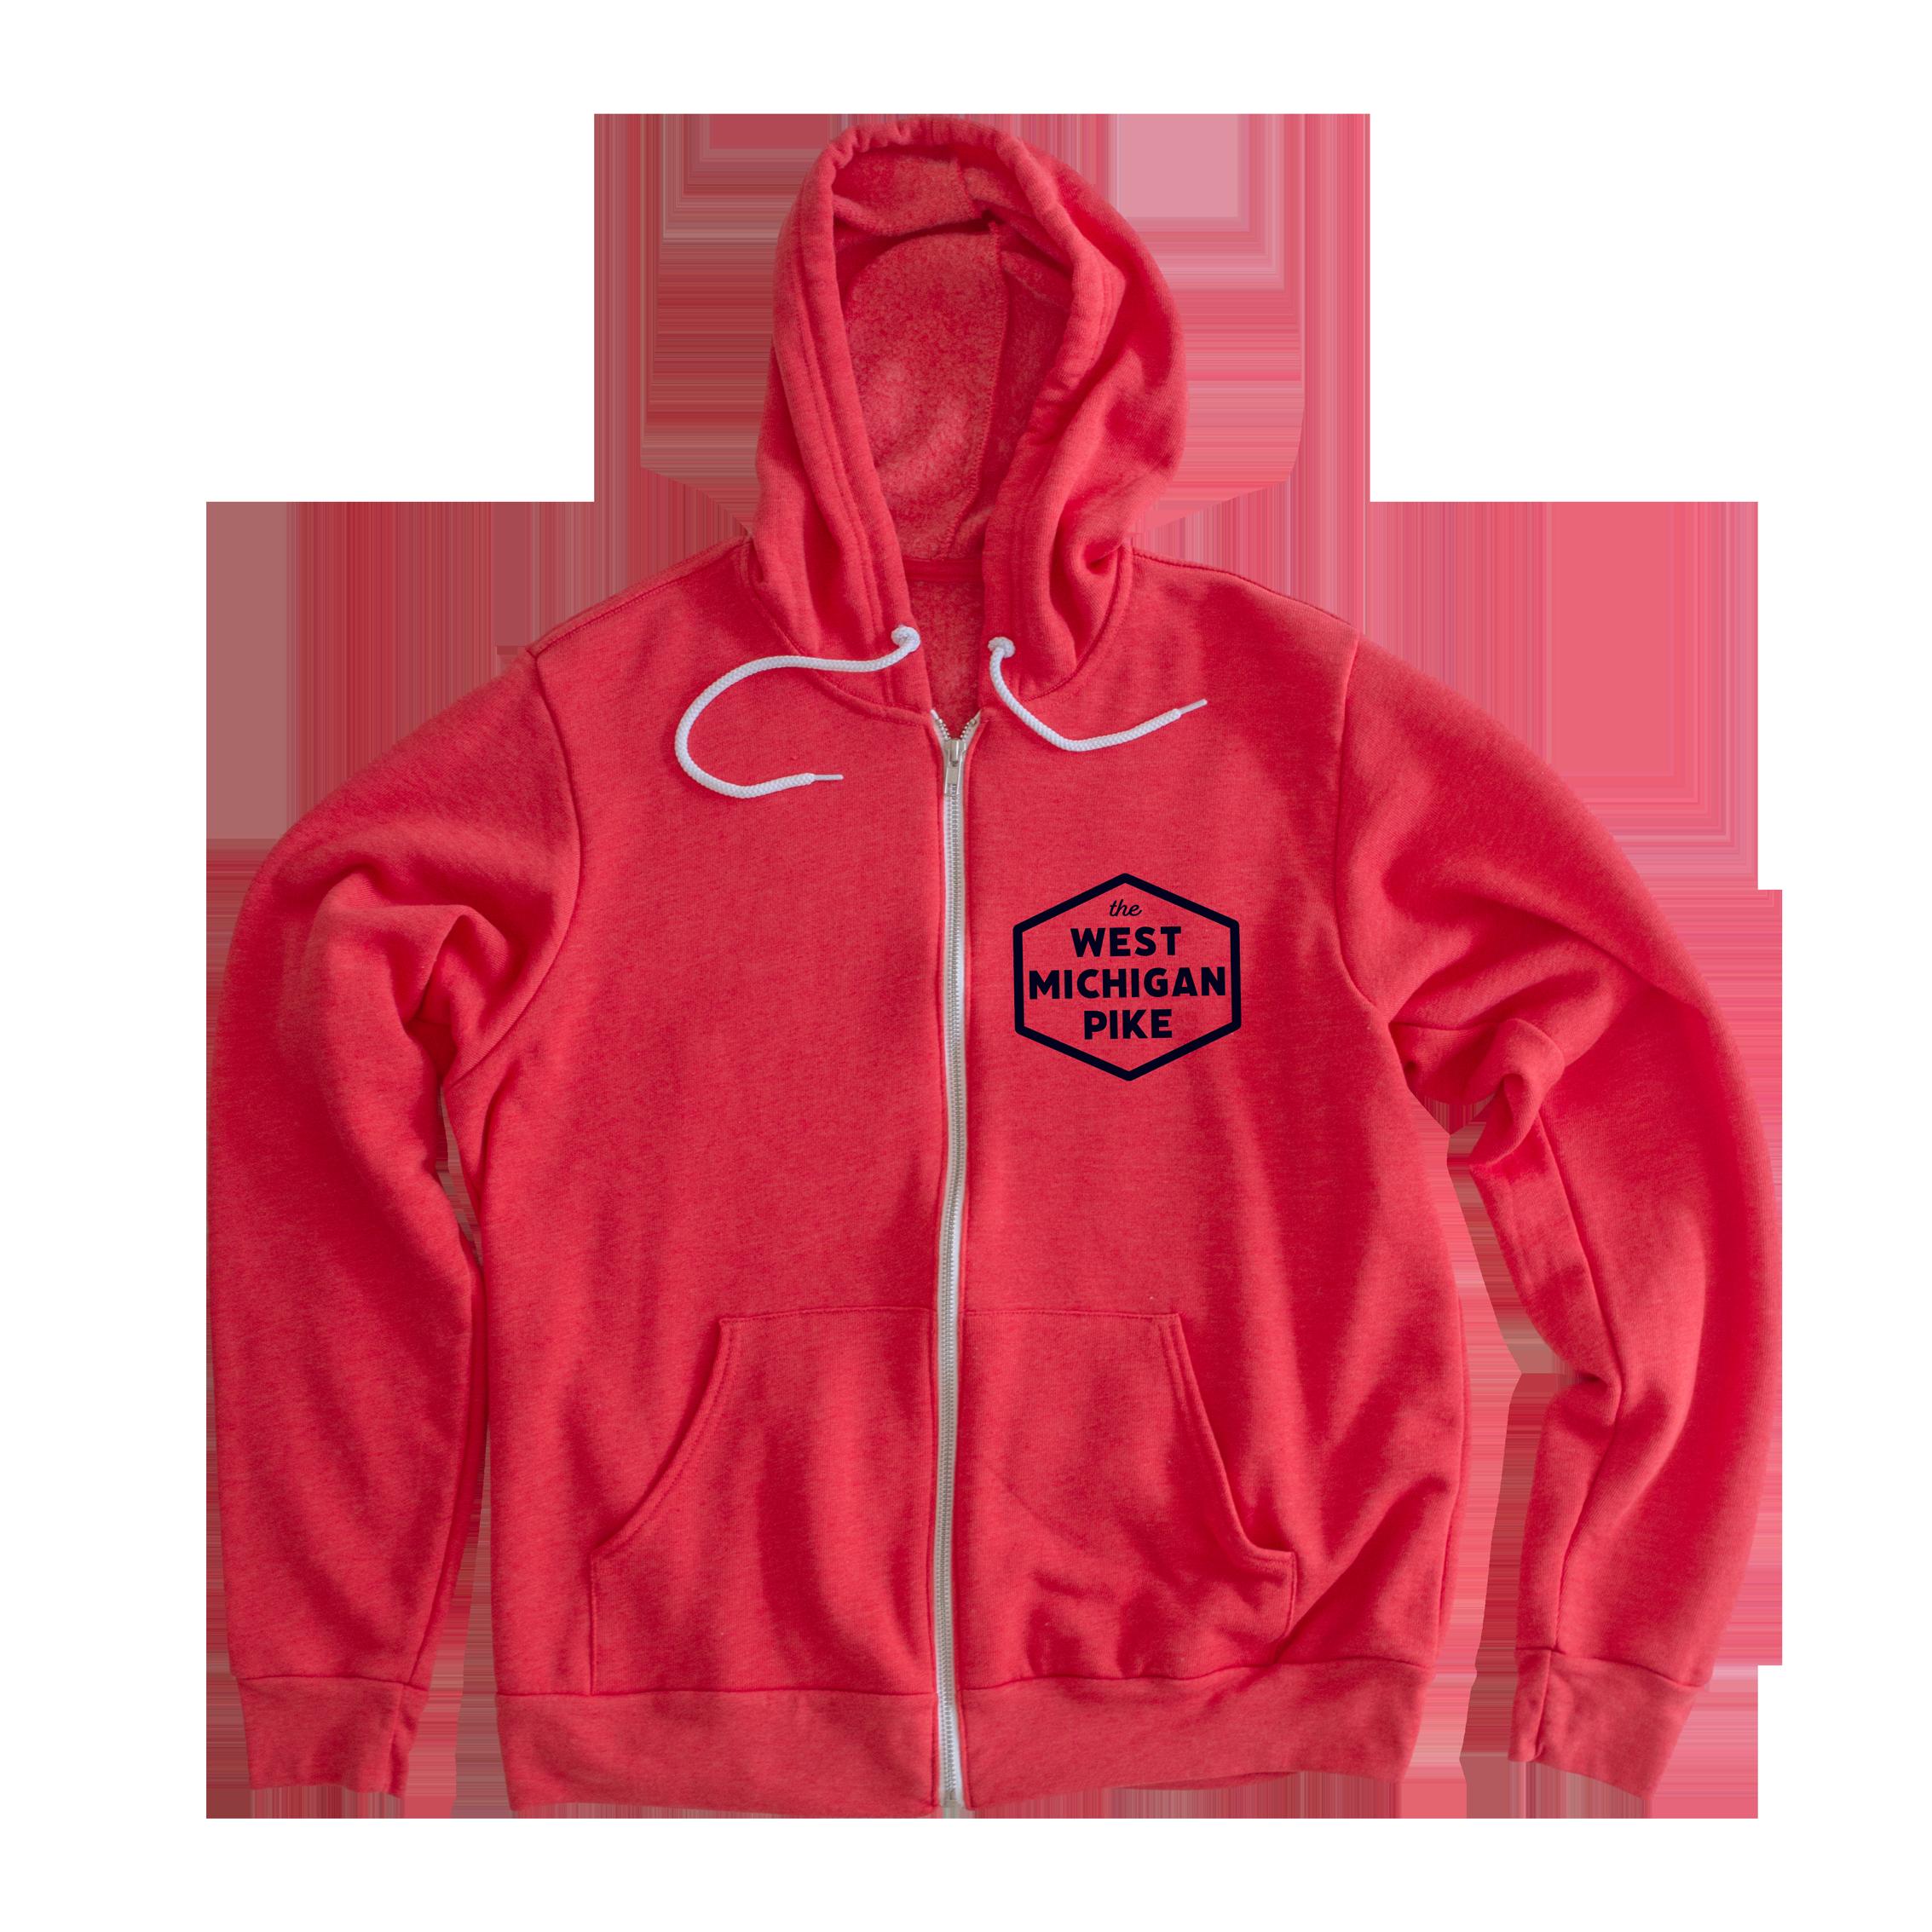 West Michigan Pike Hooded Zip Up Sweatshirt – S / Heather Red